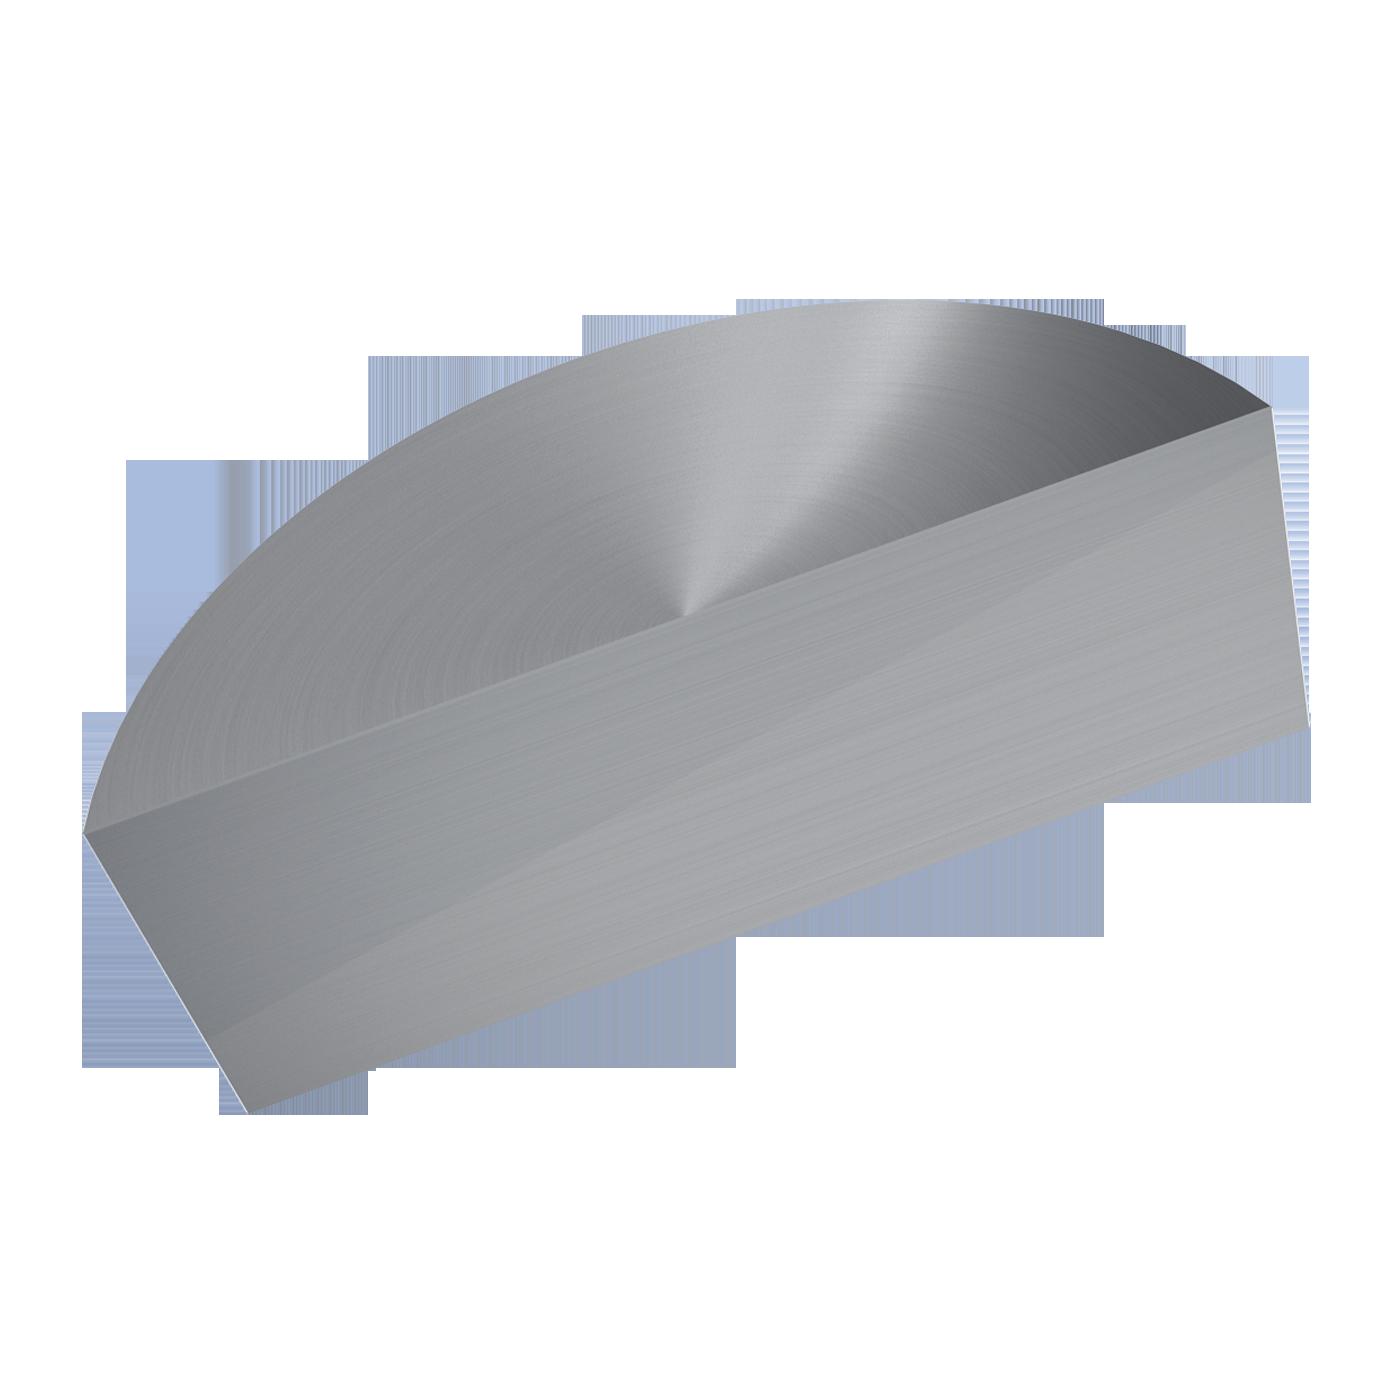 Scheibenfeder, Scheibenfedern von mbo Oßwald sind nach DIN 6888. mbo Oßwald bietet diese Maschinenelemente in Material Stahl und Edelstahl an.